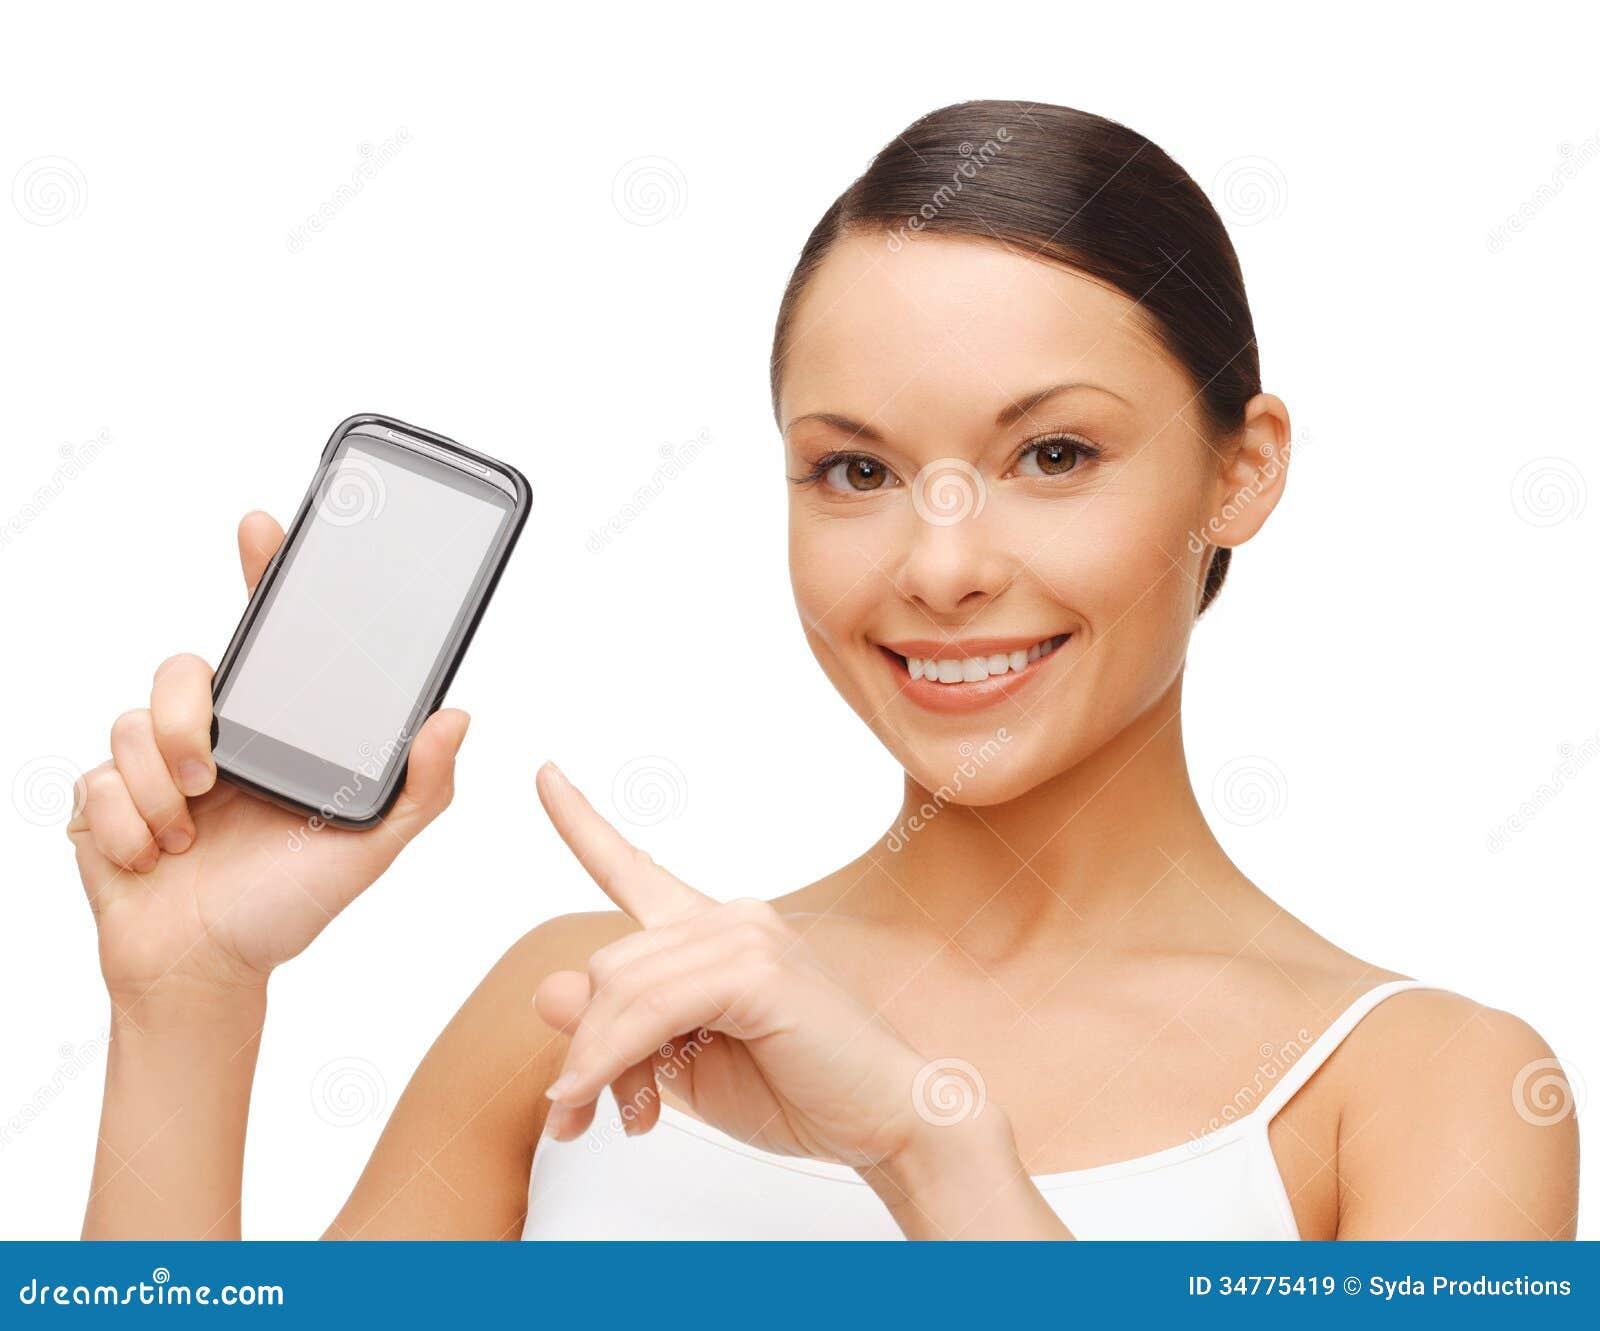 Contact femmes libres